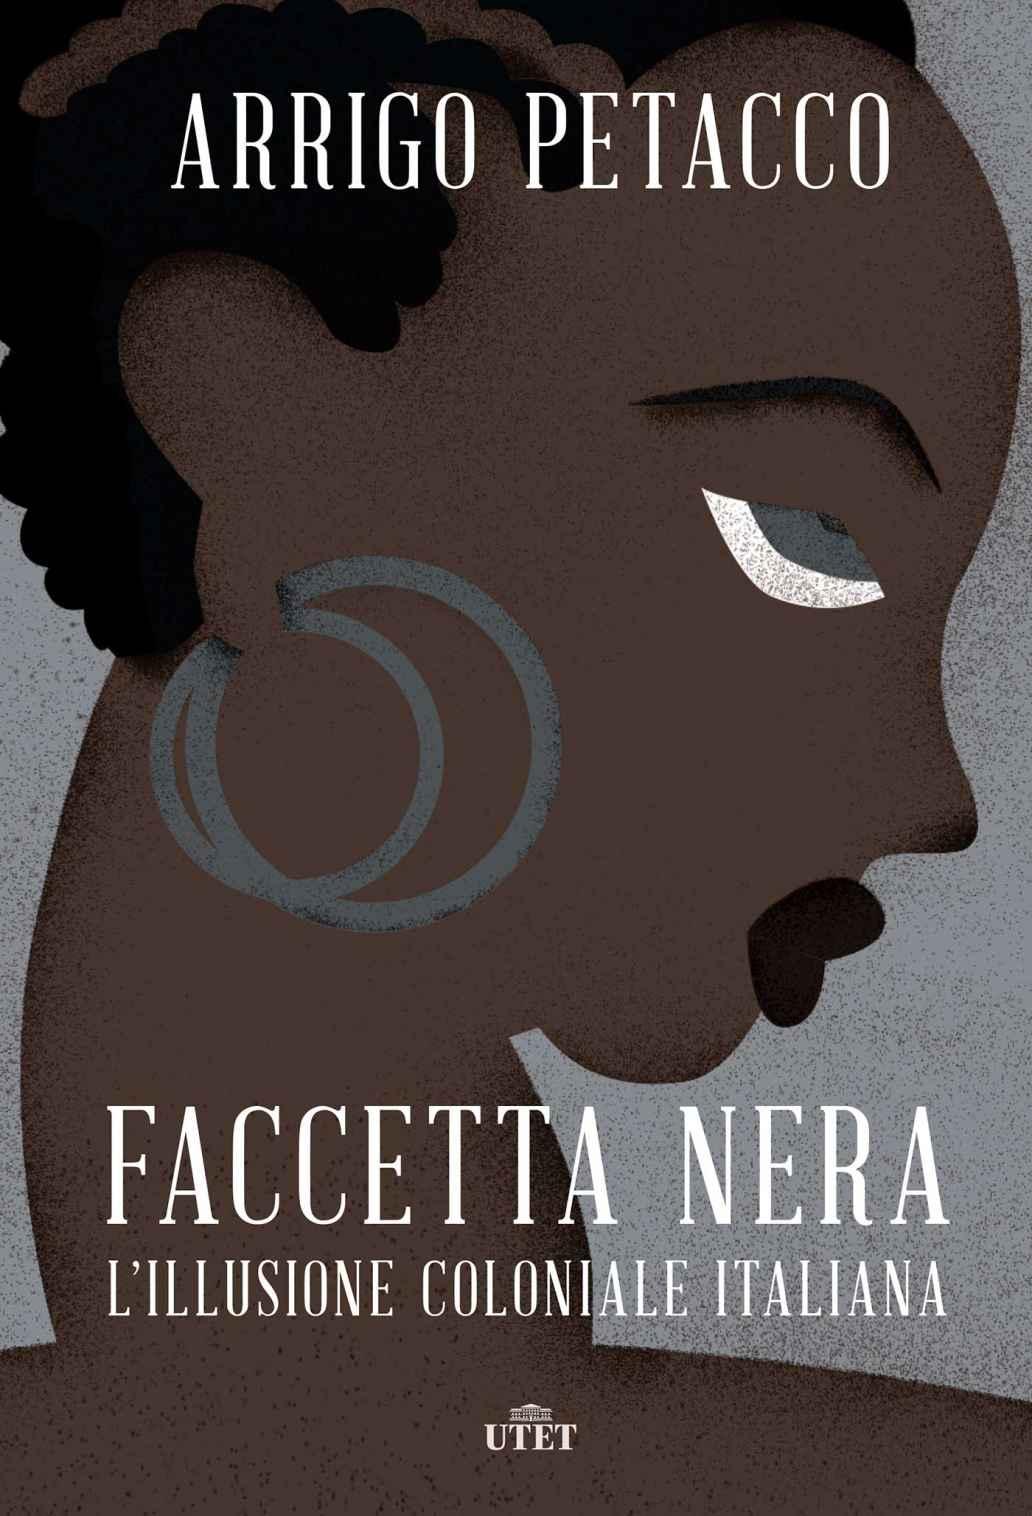 Arrigo Petacco - Faccetta nera. L'illusione coloniale italiana (2018)